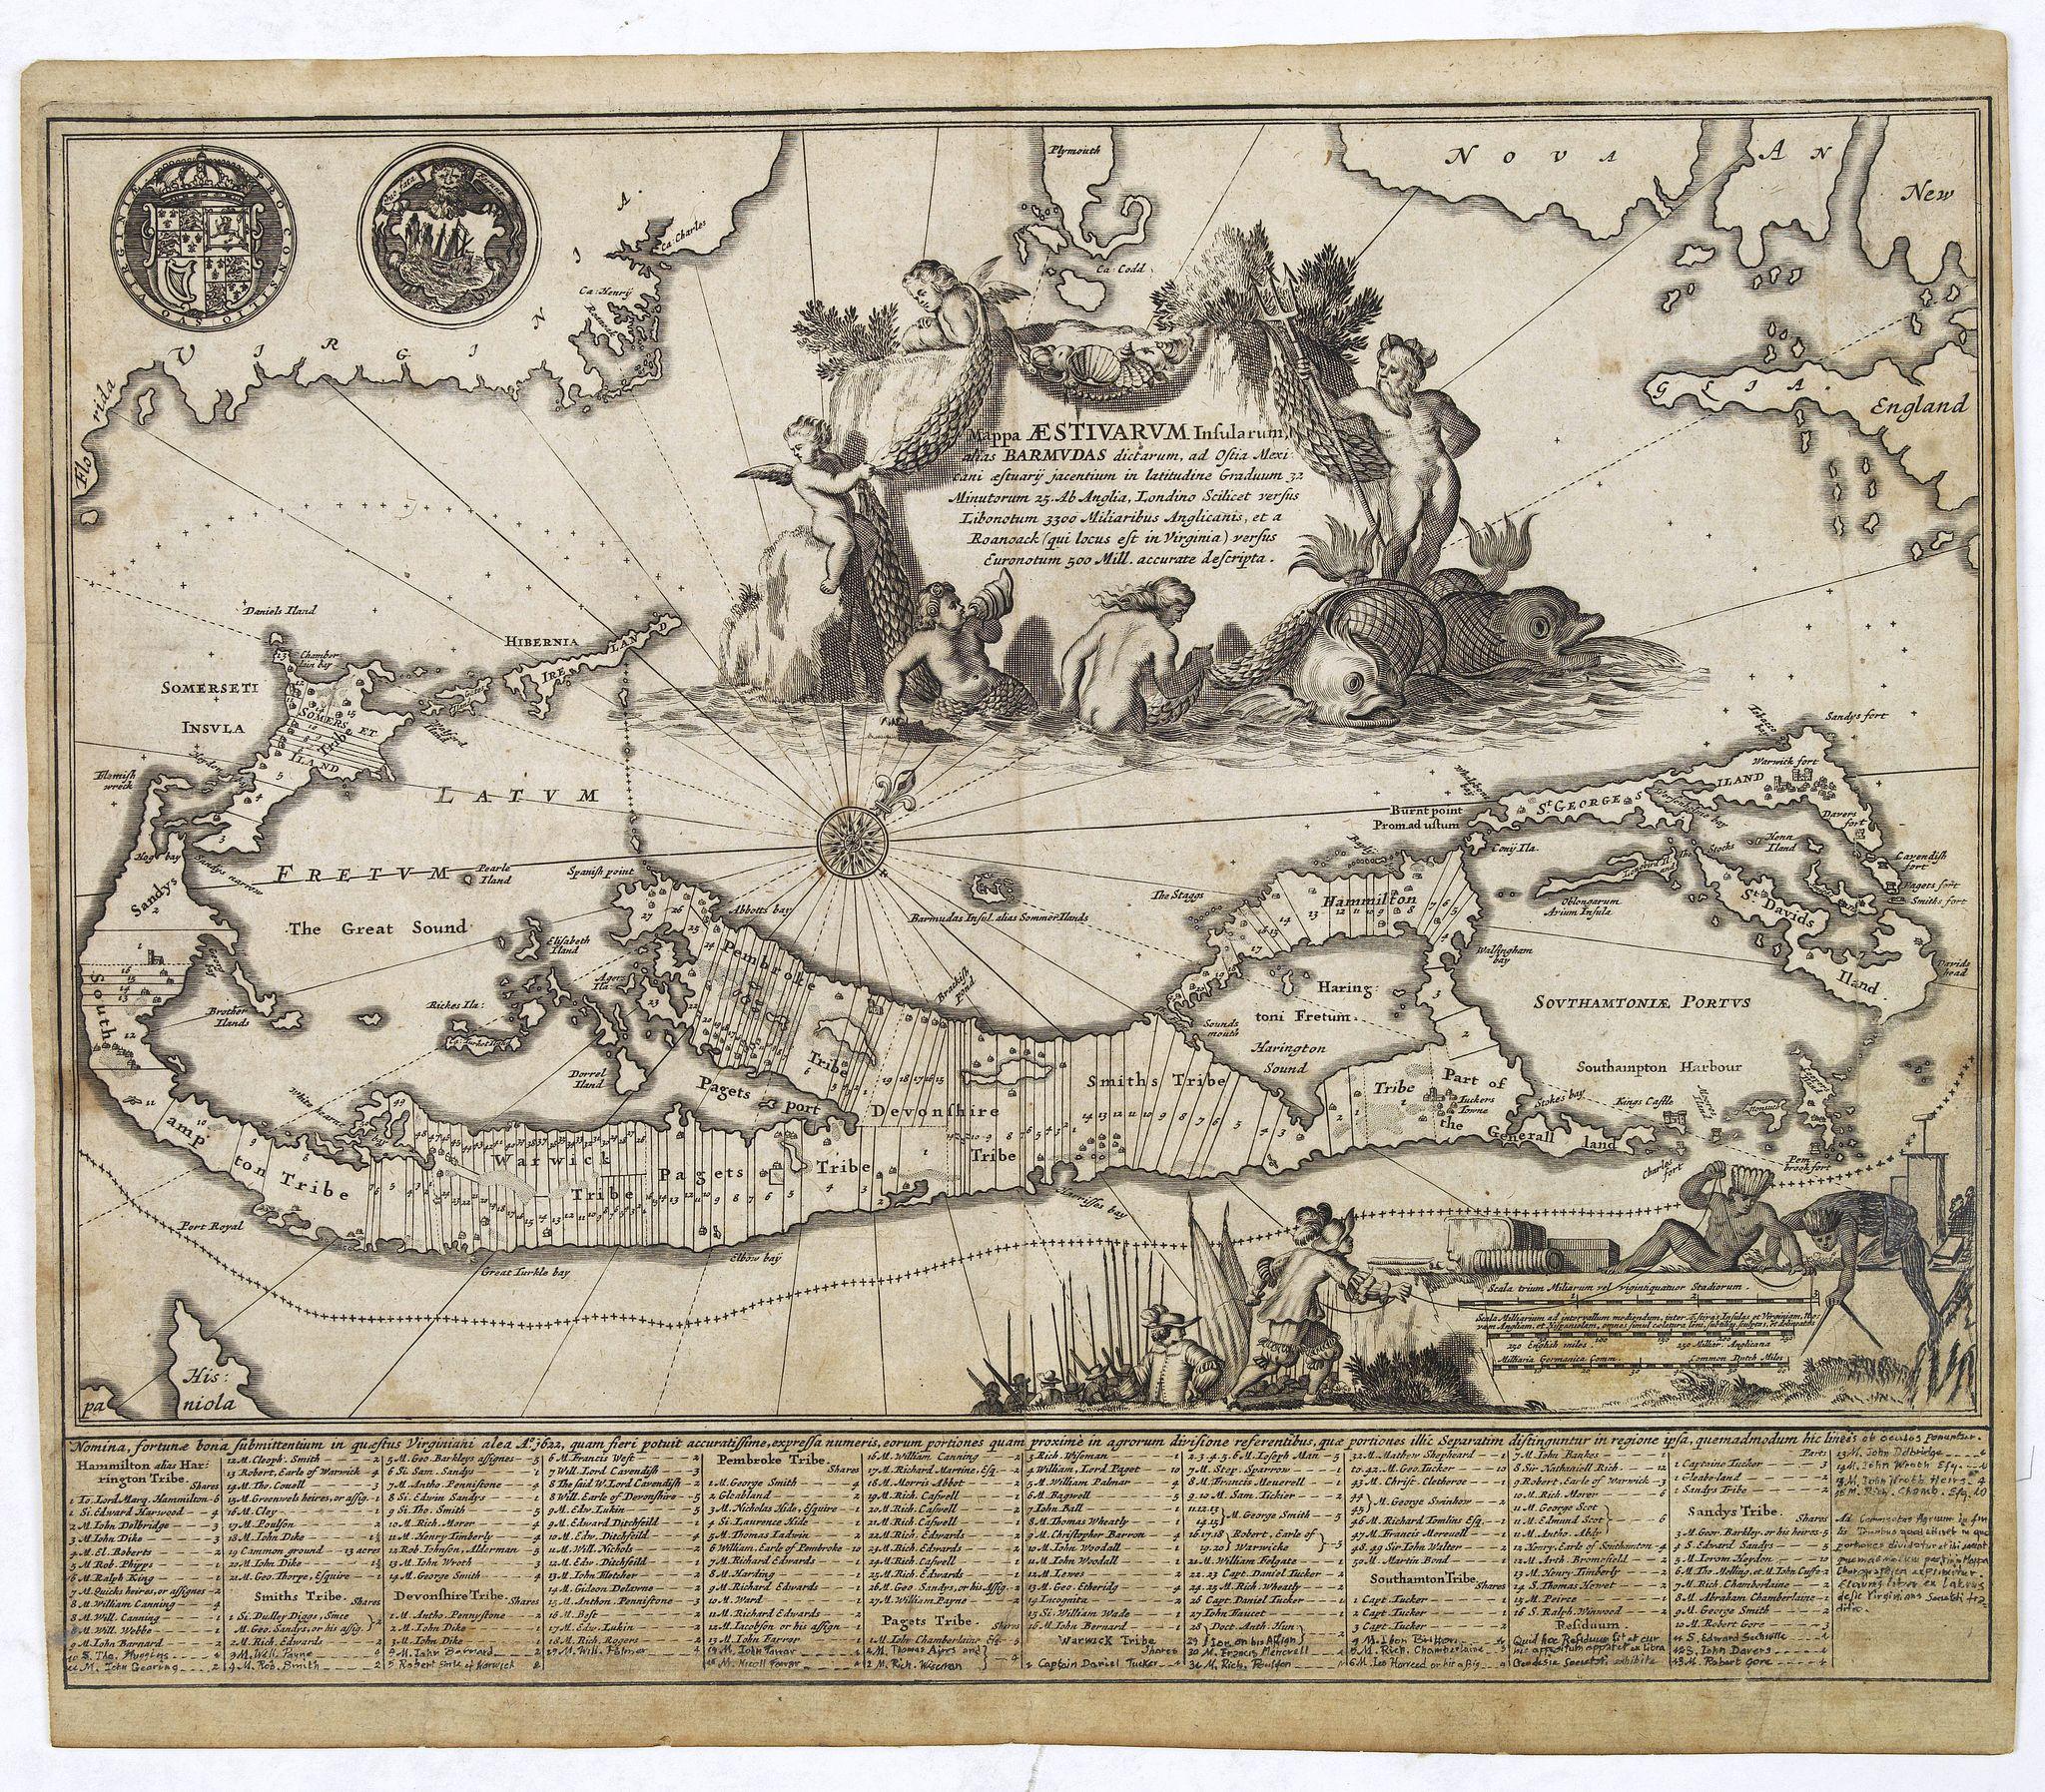 MONTANUS, A. - Mappa Aestivarum Insularum alias Barmudas. . .